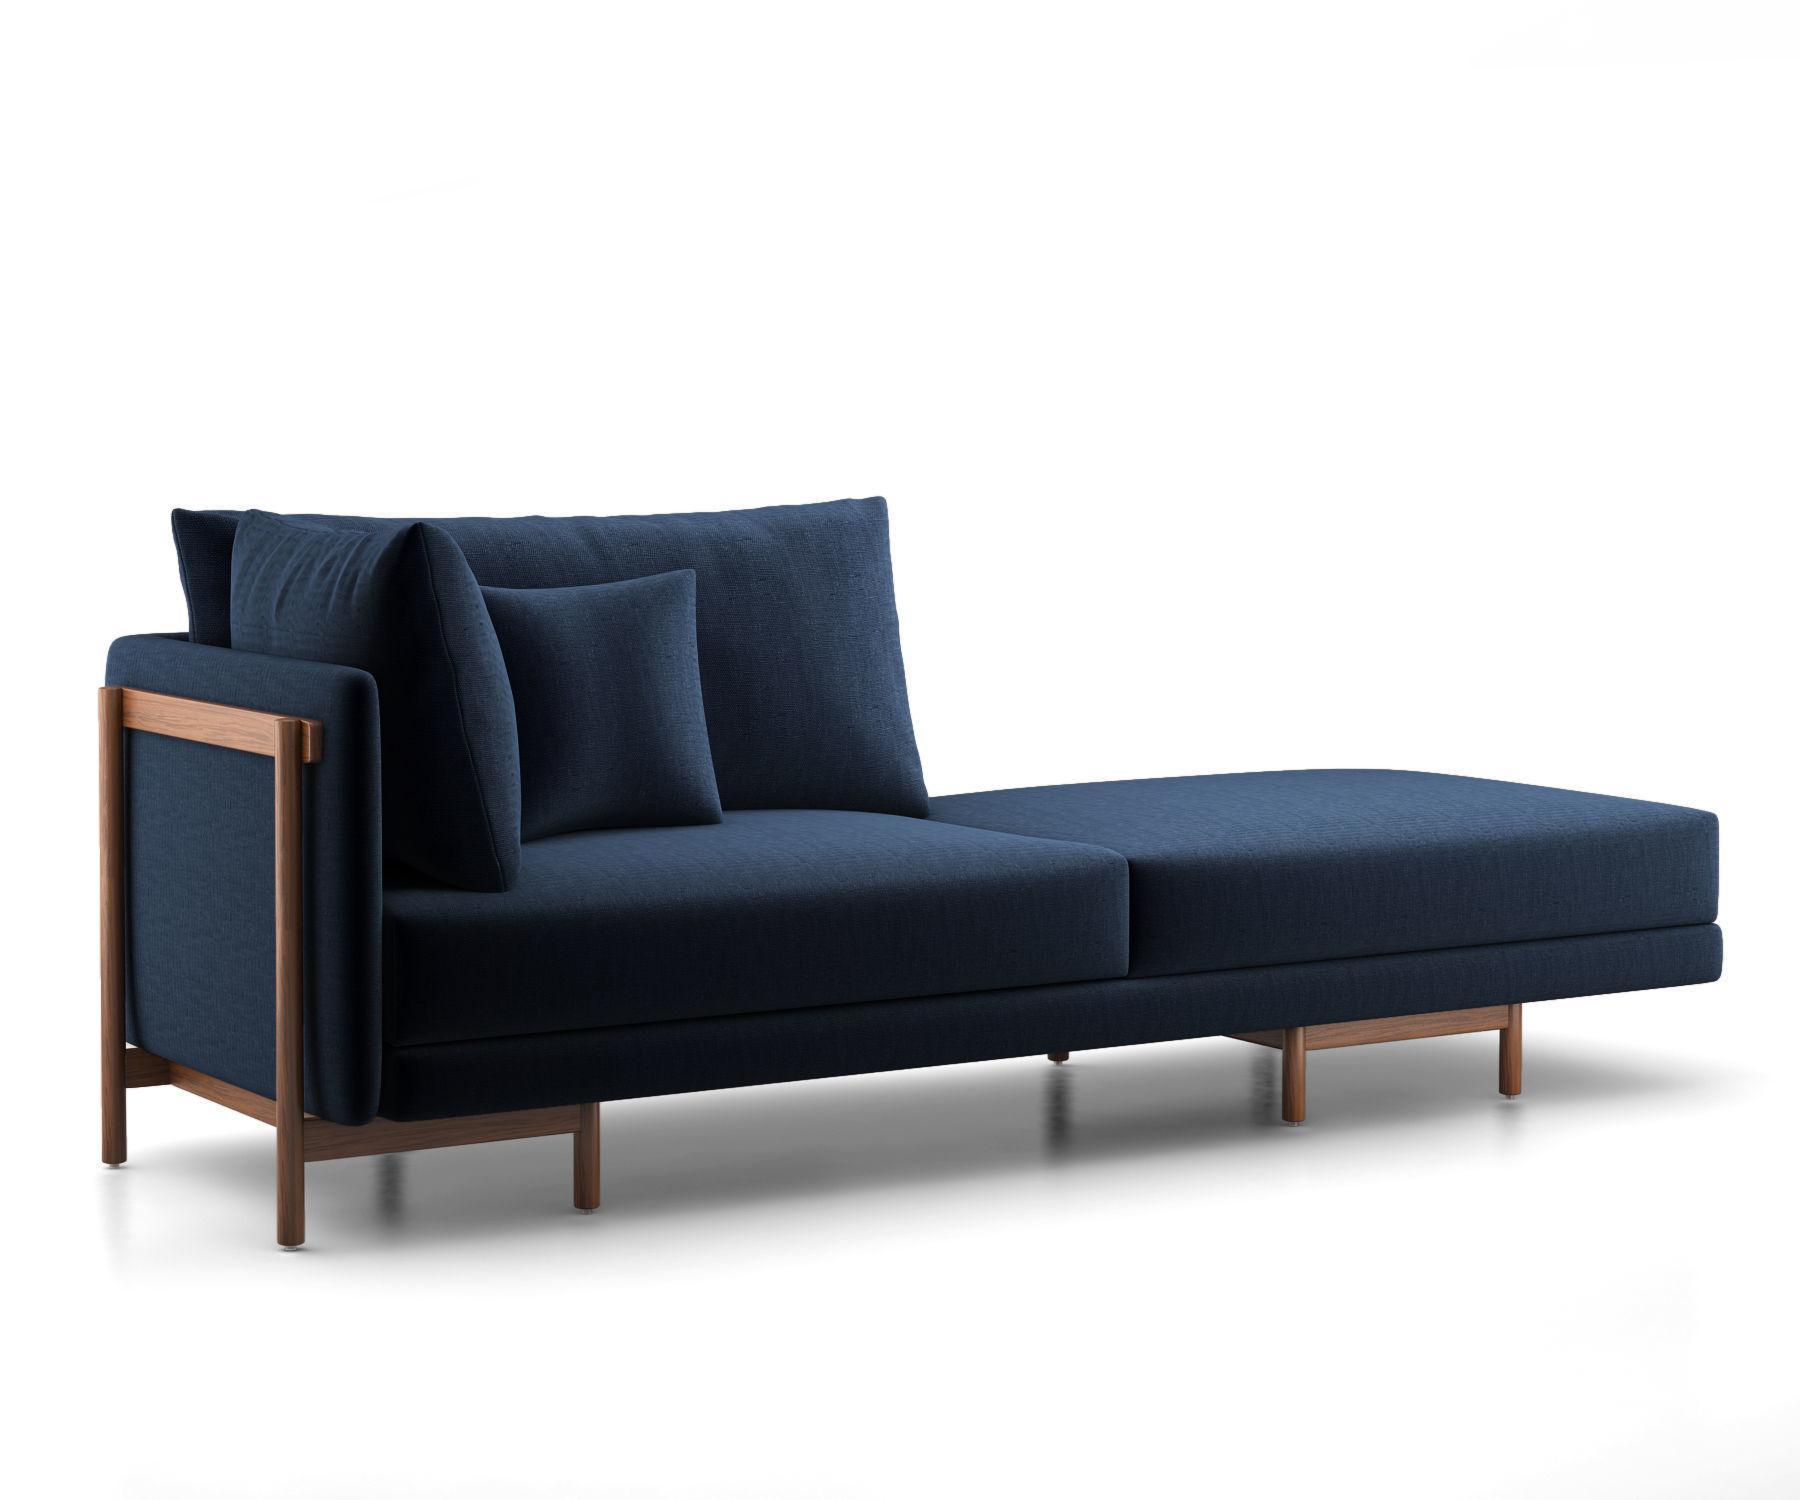 Neri Hu Frame Sofa System